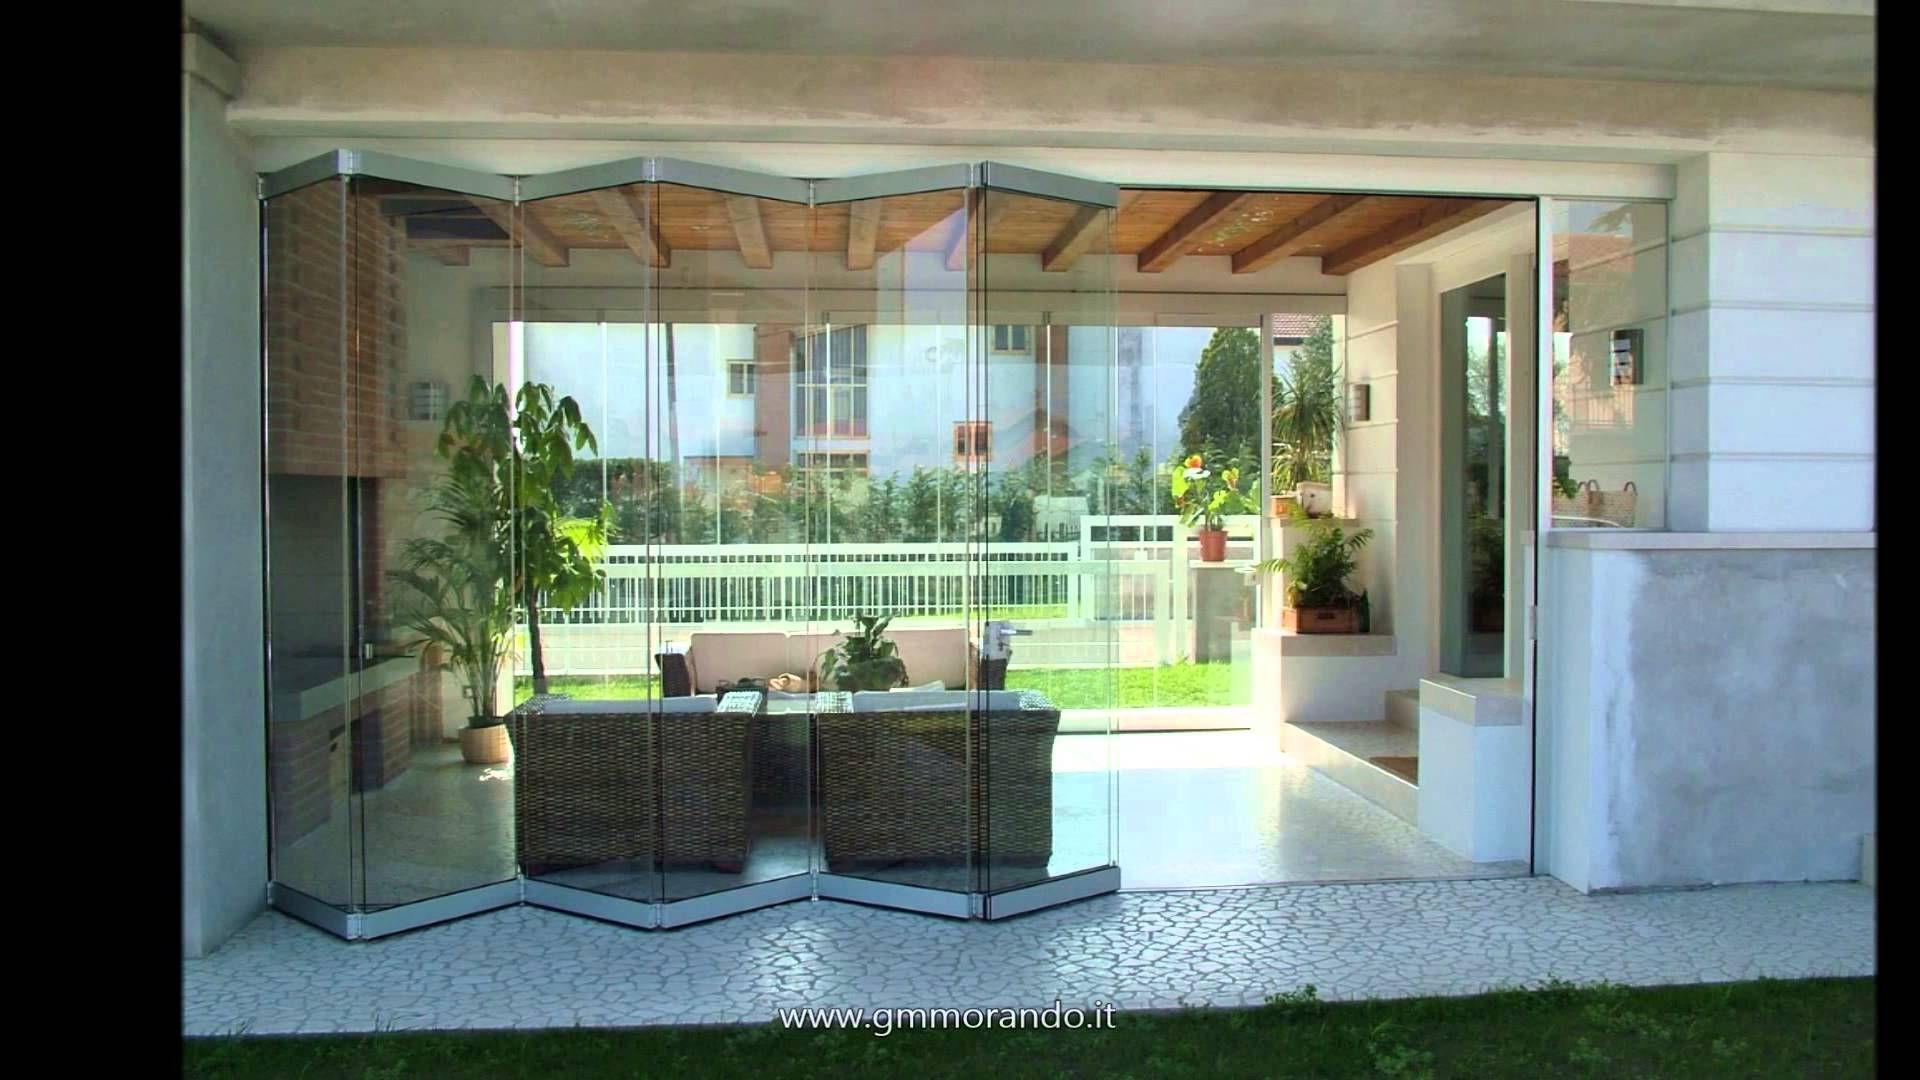 giardino d\'inverno terrazza soggiorno - Cerca con Google | Idee casa ...